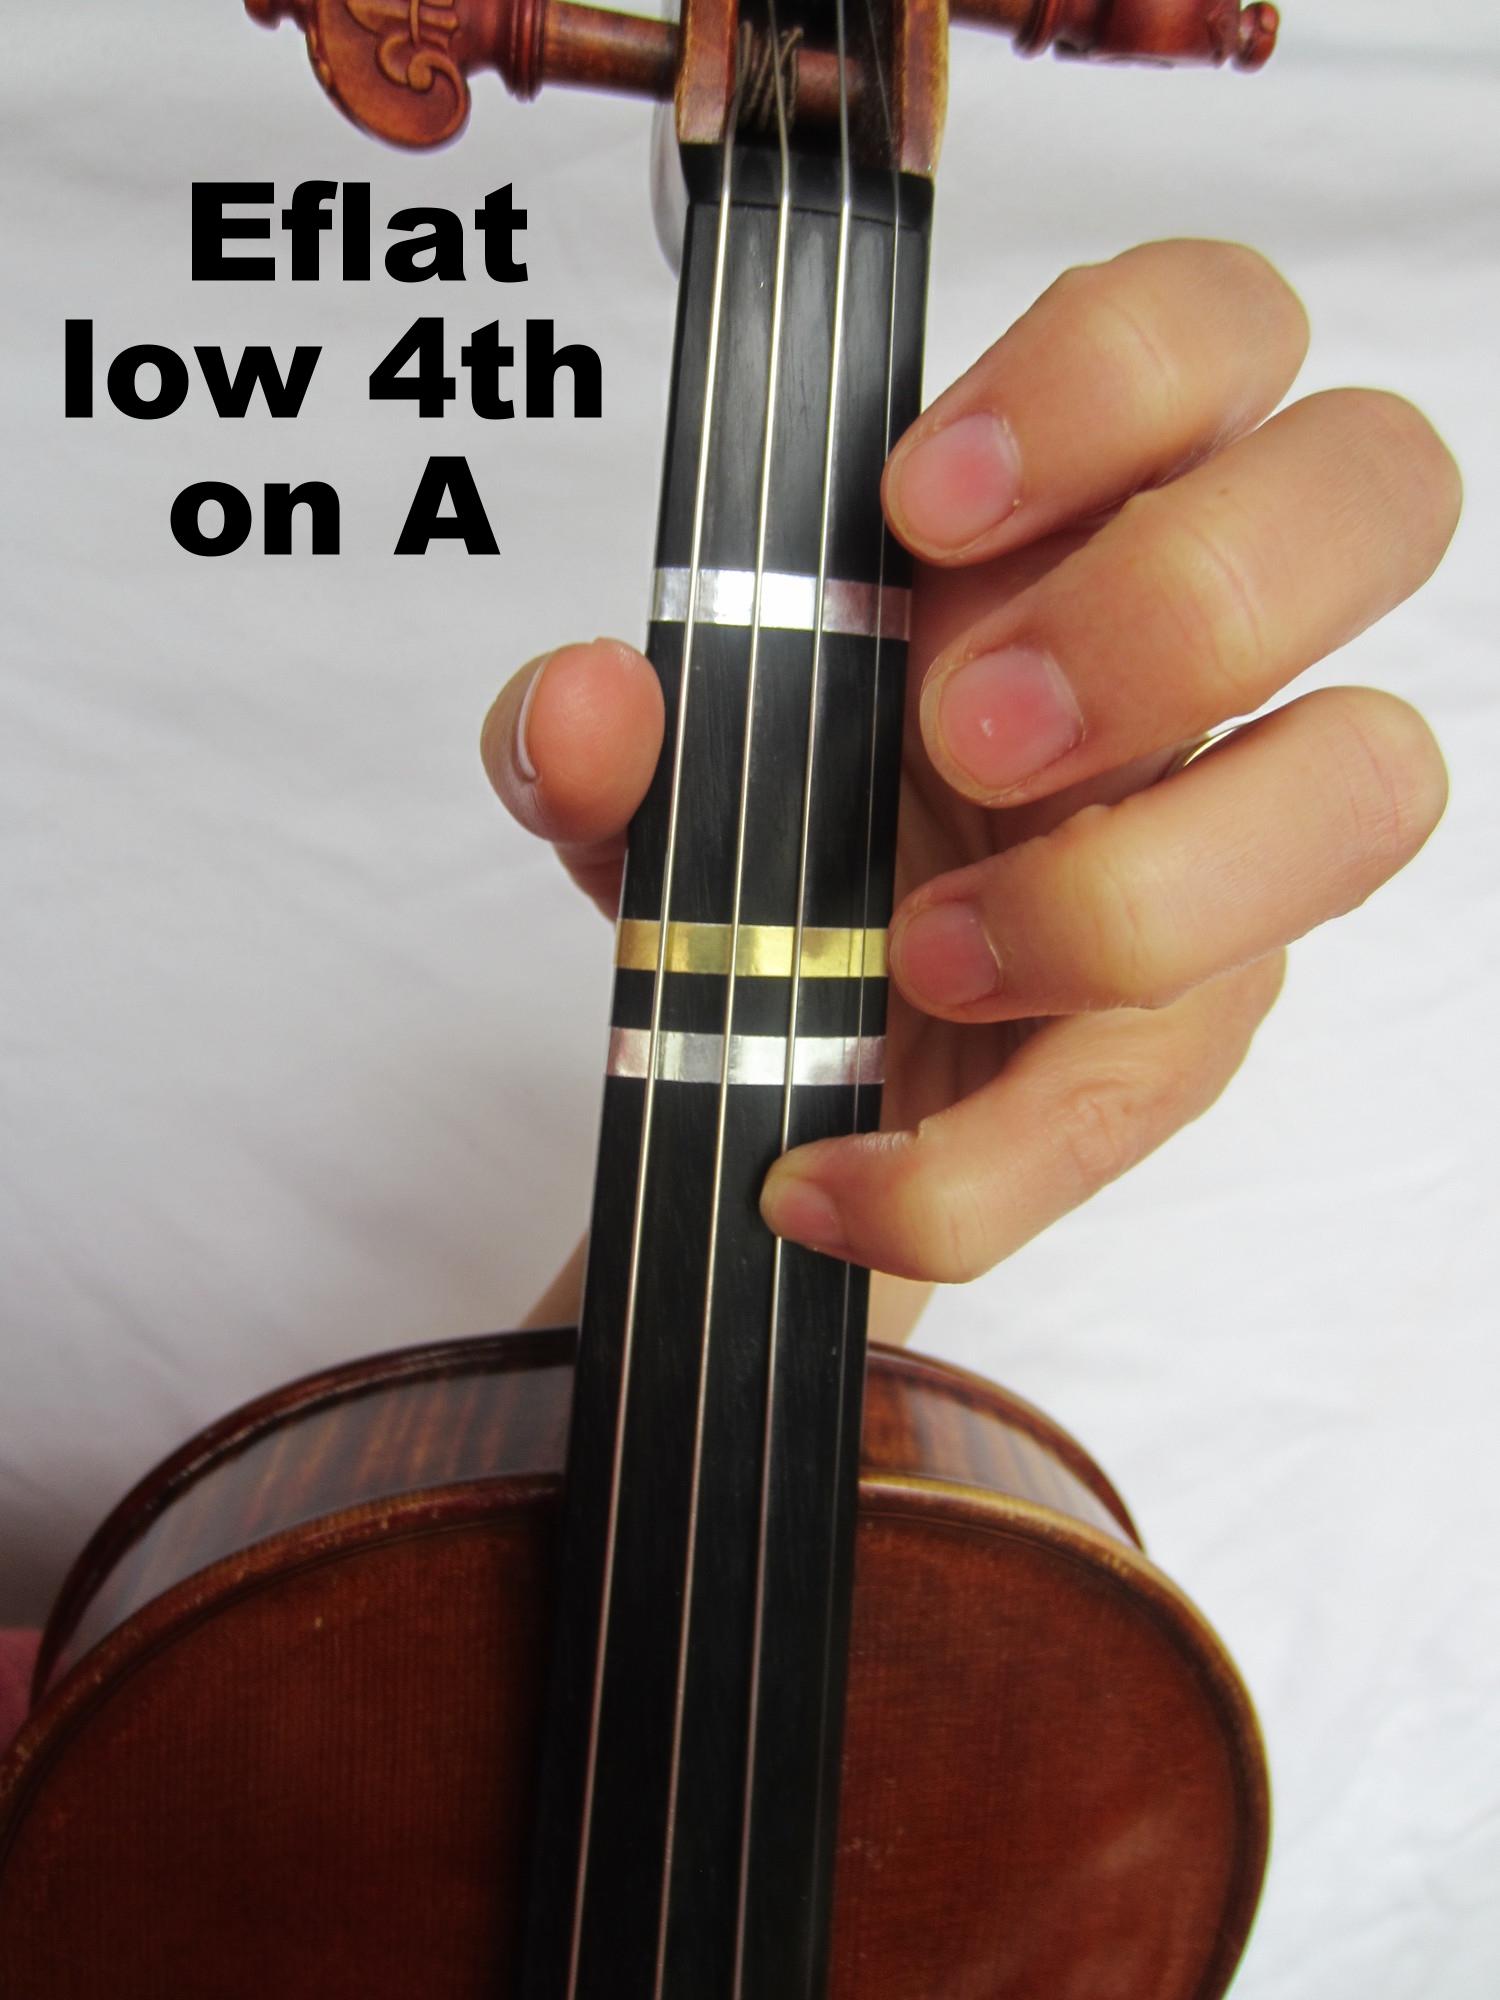 Violin Fingering Eflat on A.JPG